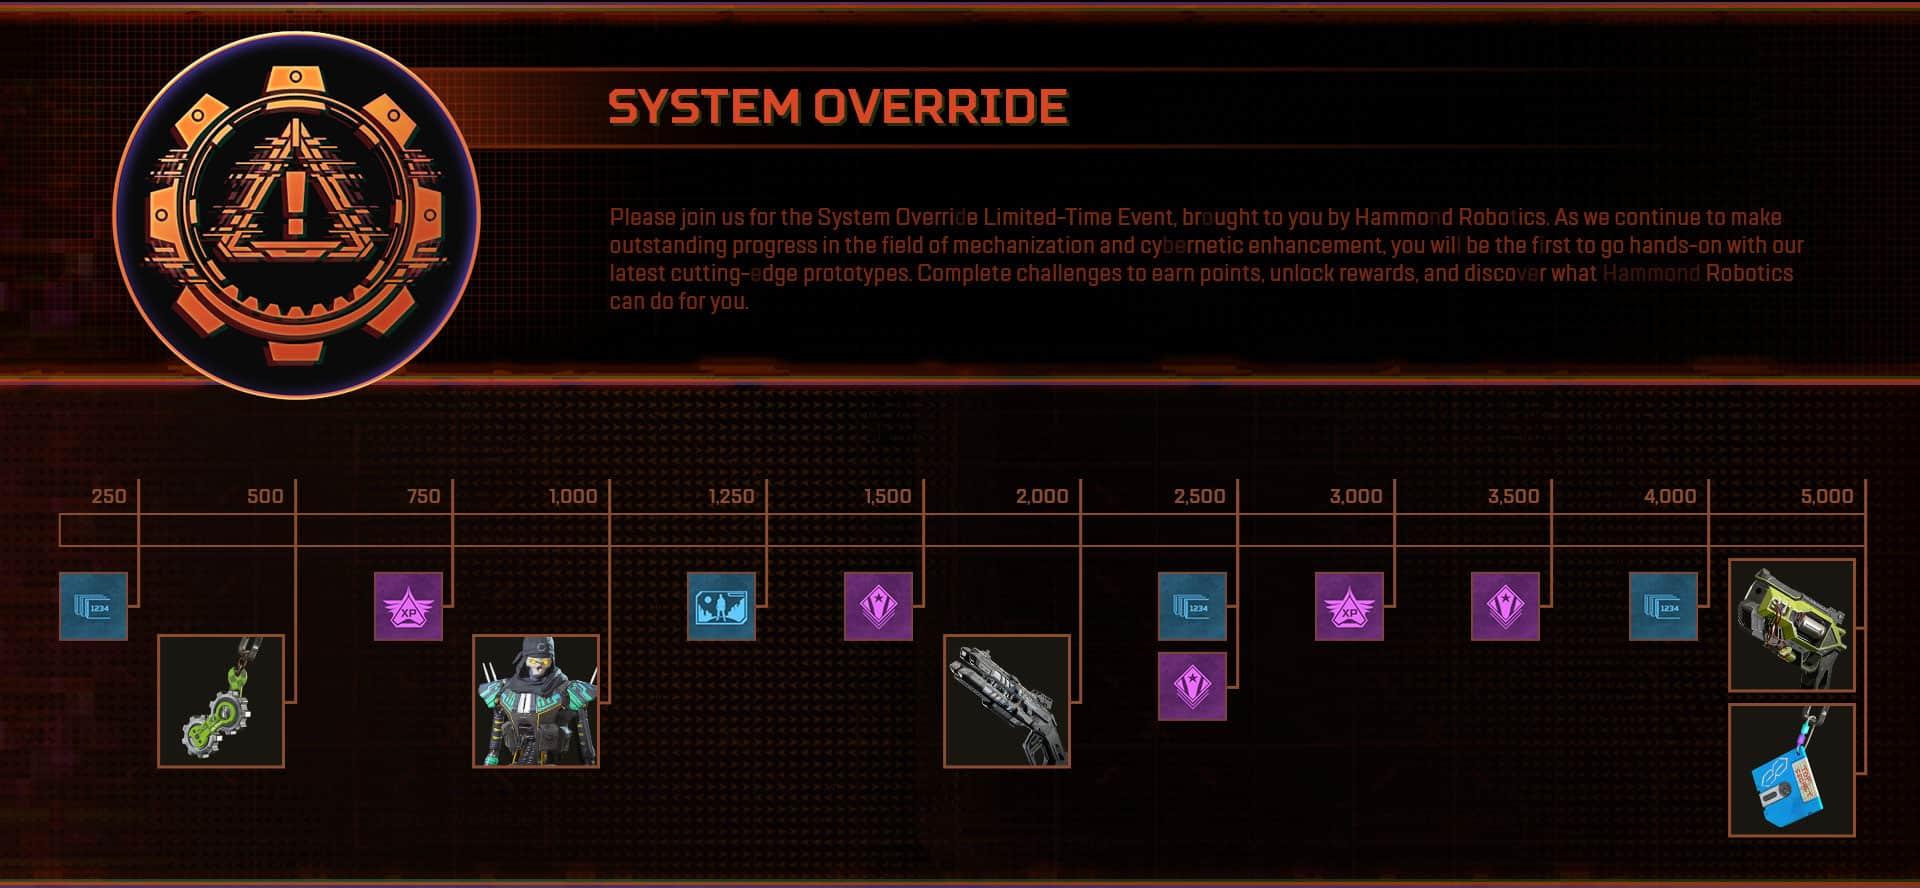 system override event scorecard v2 babt